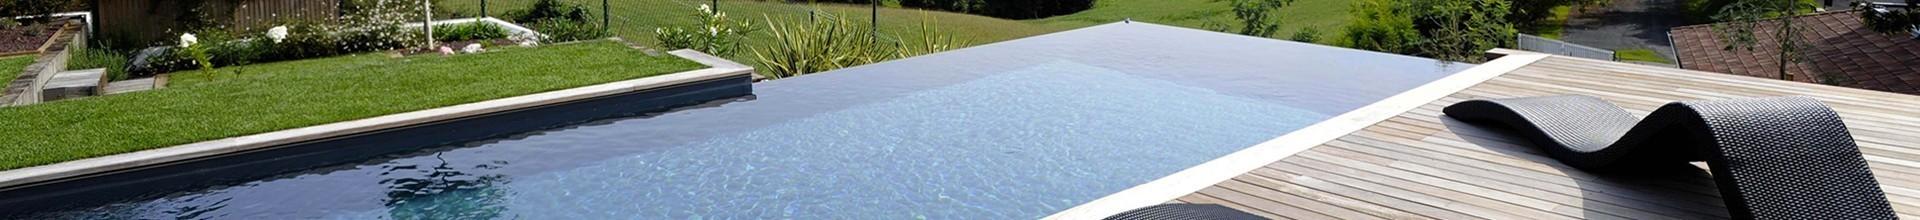 Bourgogne Haute-Saône Constructeur d'une piscine révolutionnaire